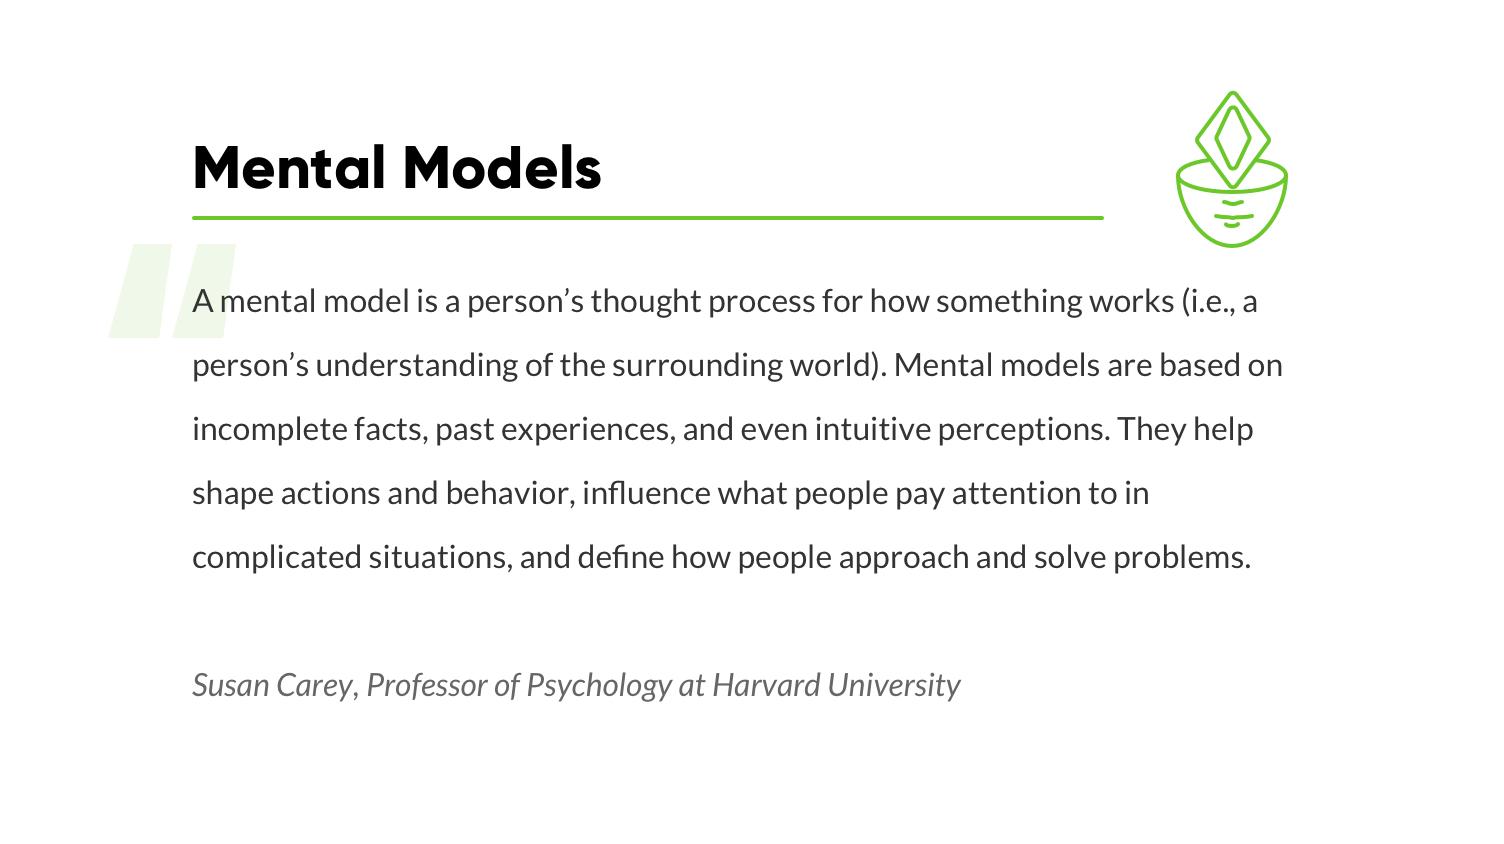 ux-design-banking-mental-models-S-1.jpg